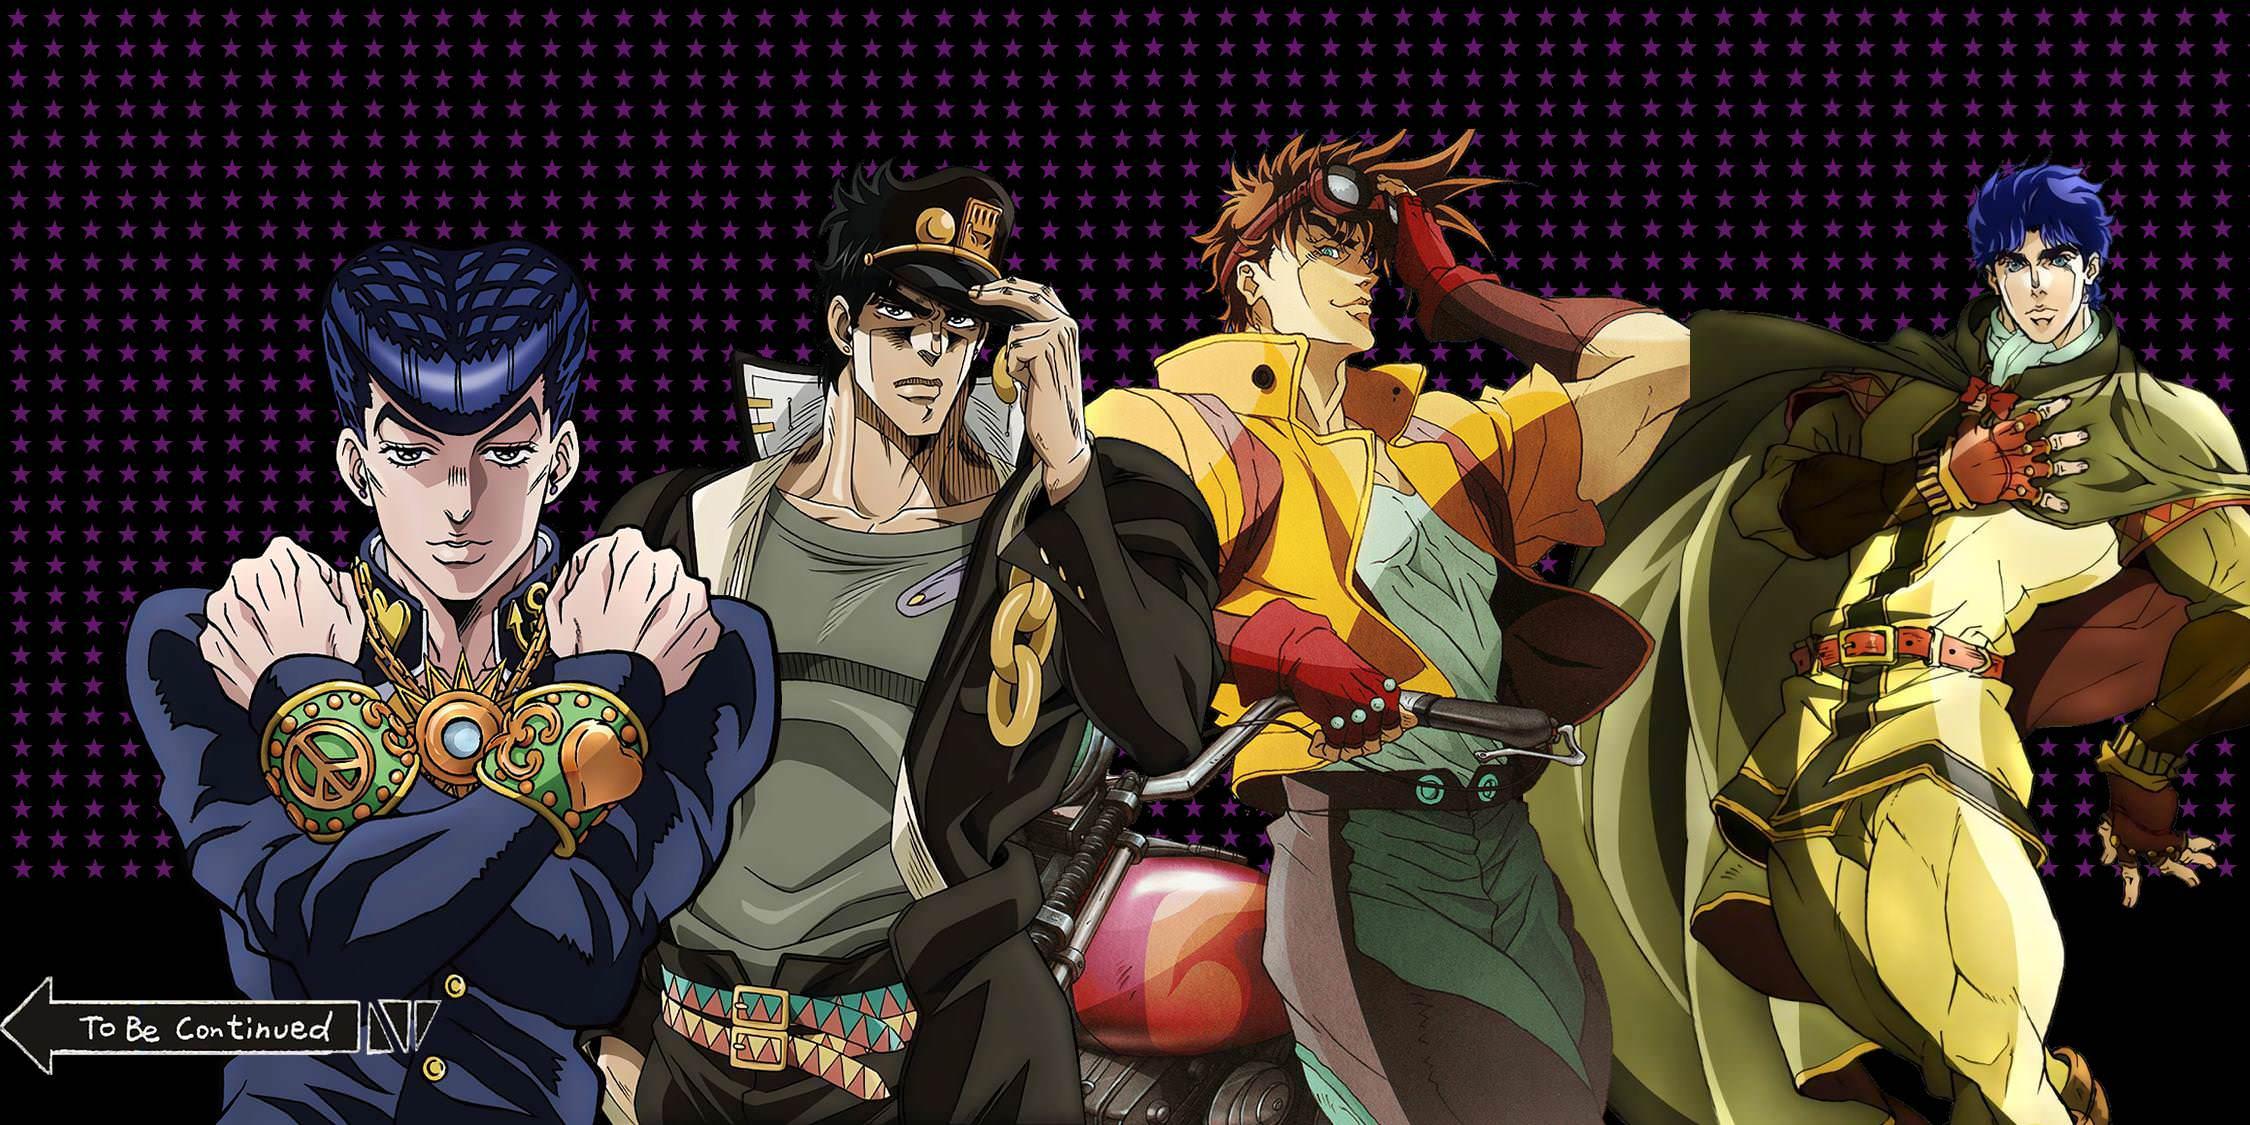 Wallpaper Jojo S Bizarre Adventure Jojo Hirohiko Araki Anime